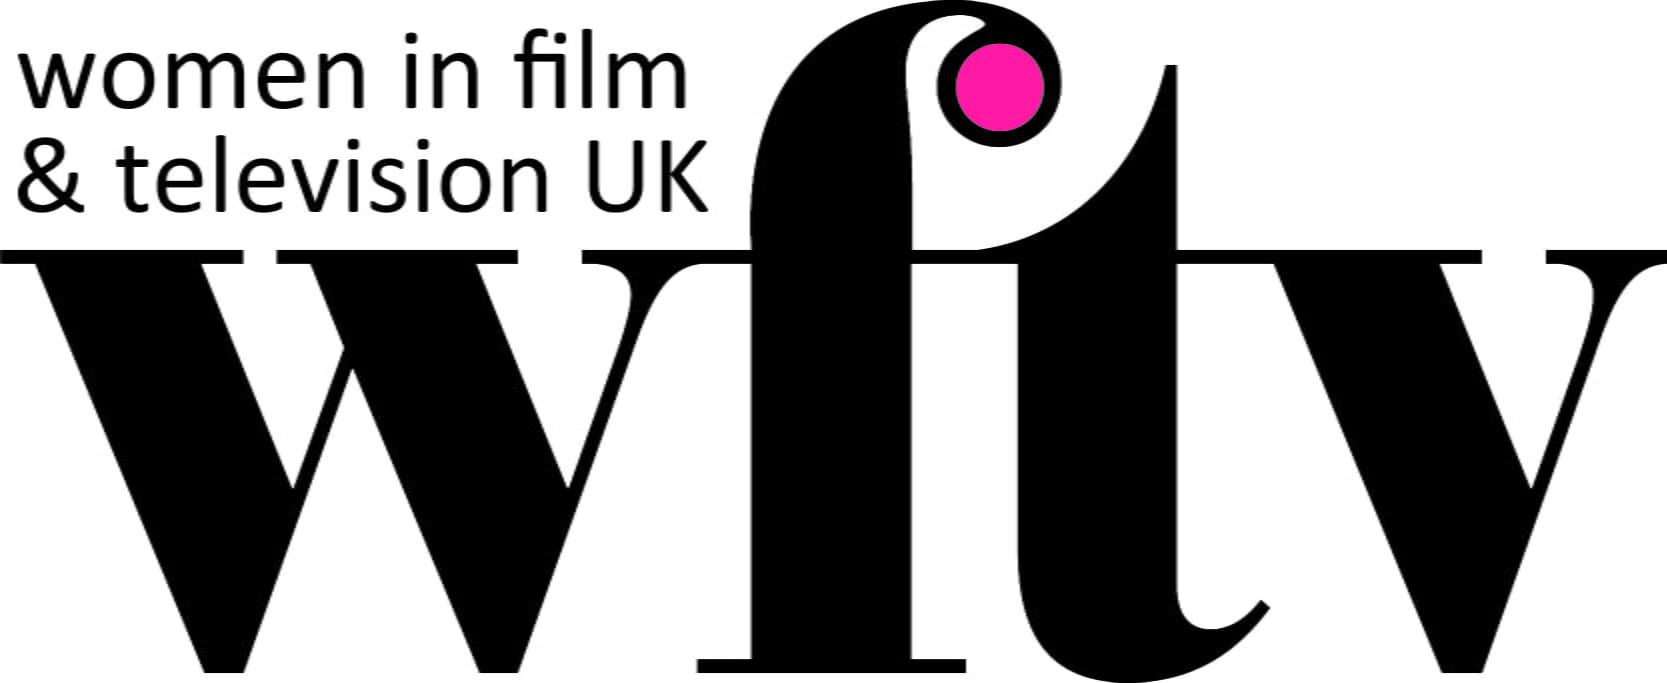 Women in Film & TV UK